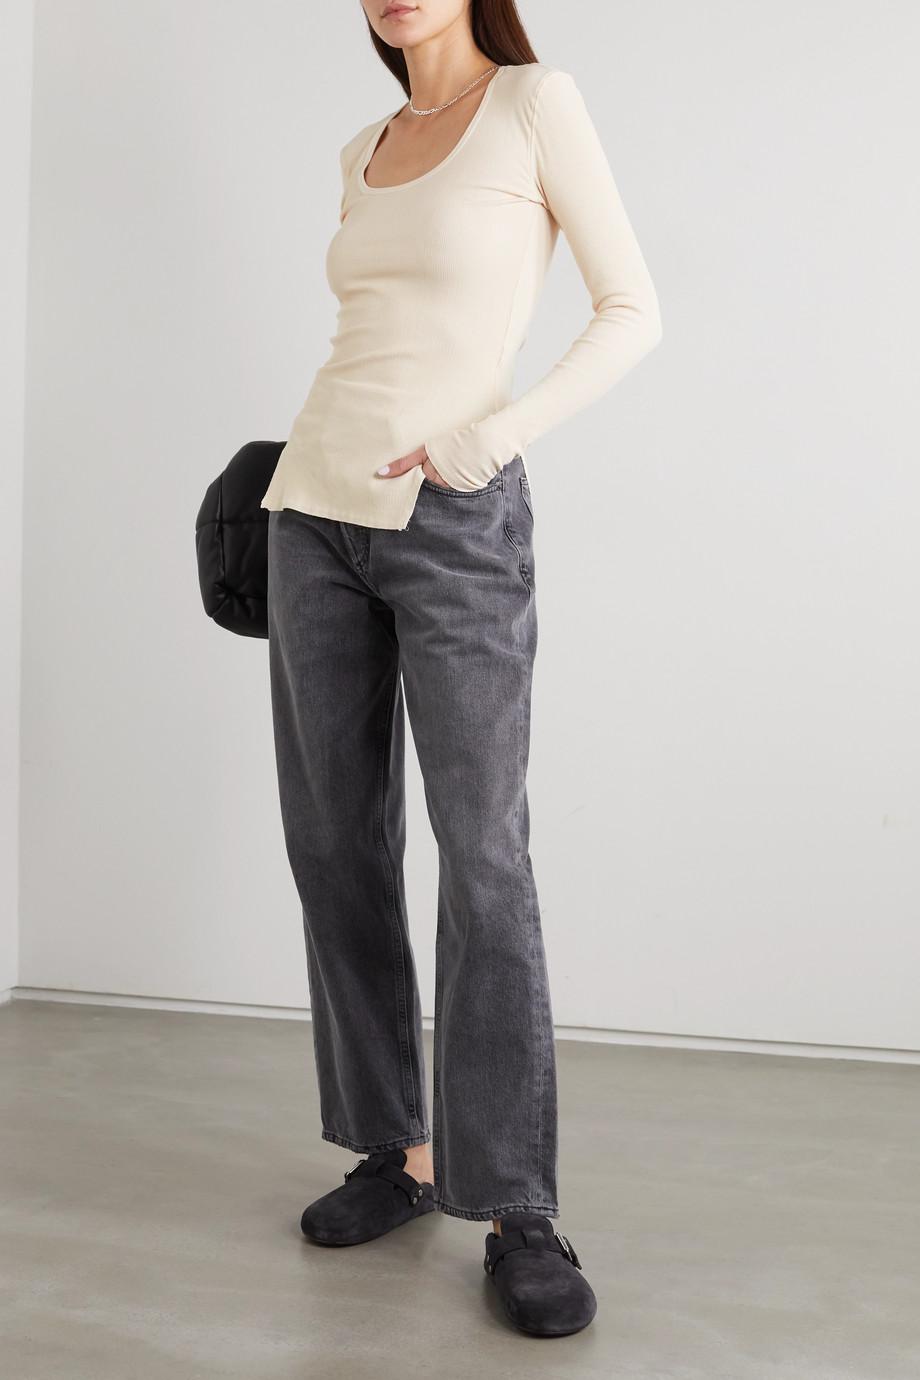 Bassike + NET SUSTAIN geripptes Oberteil aus Stretch-Baumwolle